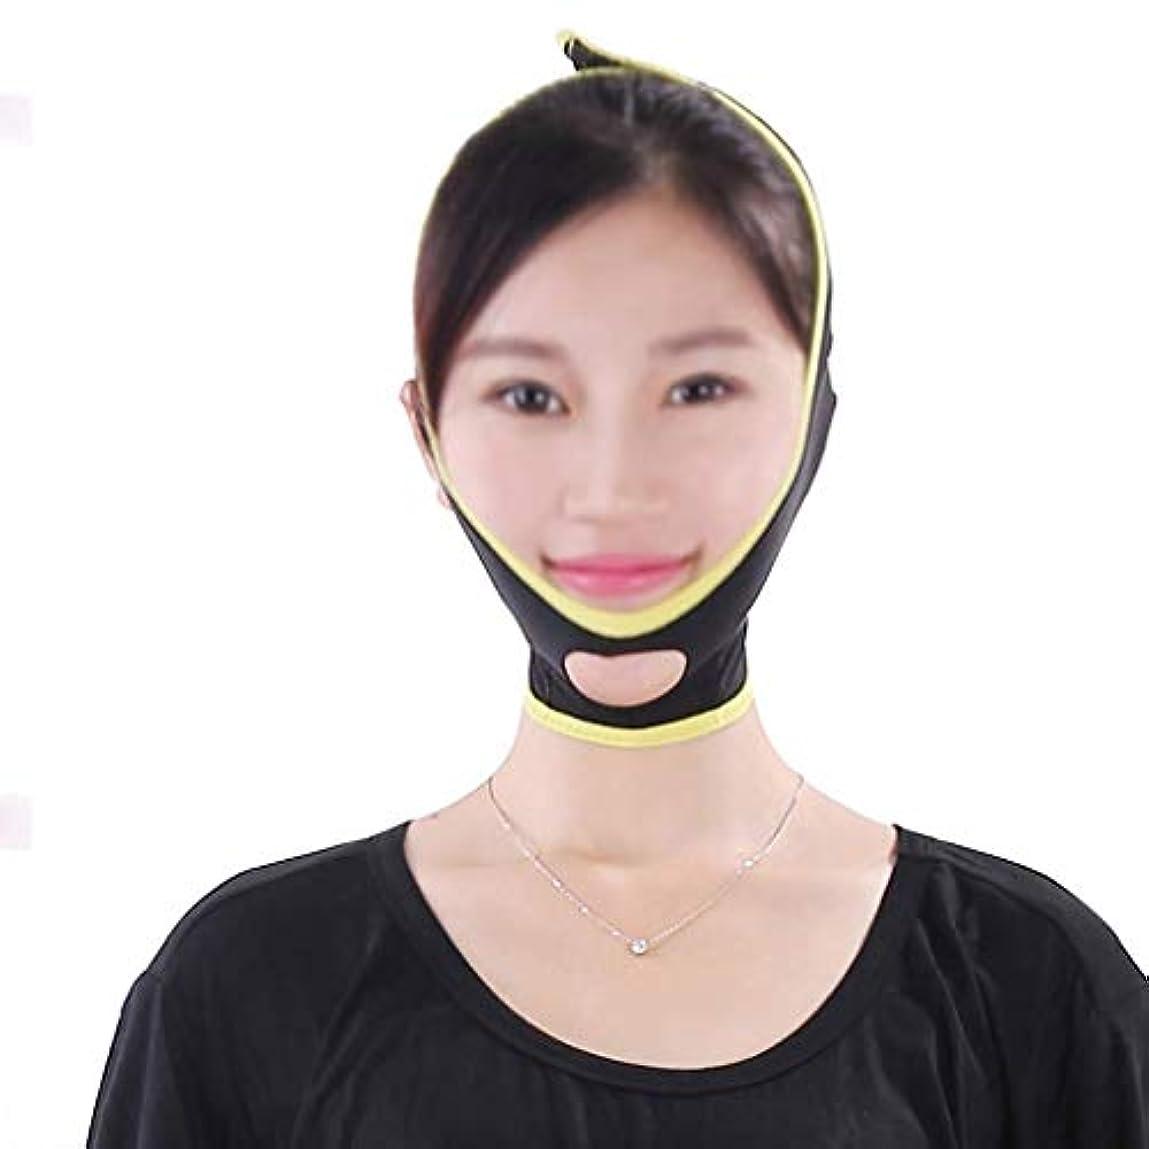 デッドグラマープロペラフェイシャルマスク、男性と女性のフェイスリフティングアーティファクト包帯美容リフティングファーミングサイズVフェイスダブルチン睡眠マスク埋め込みシルク彫刻スリミングベルト(サイズ:L)